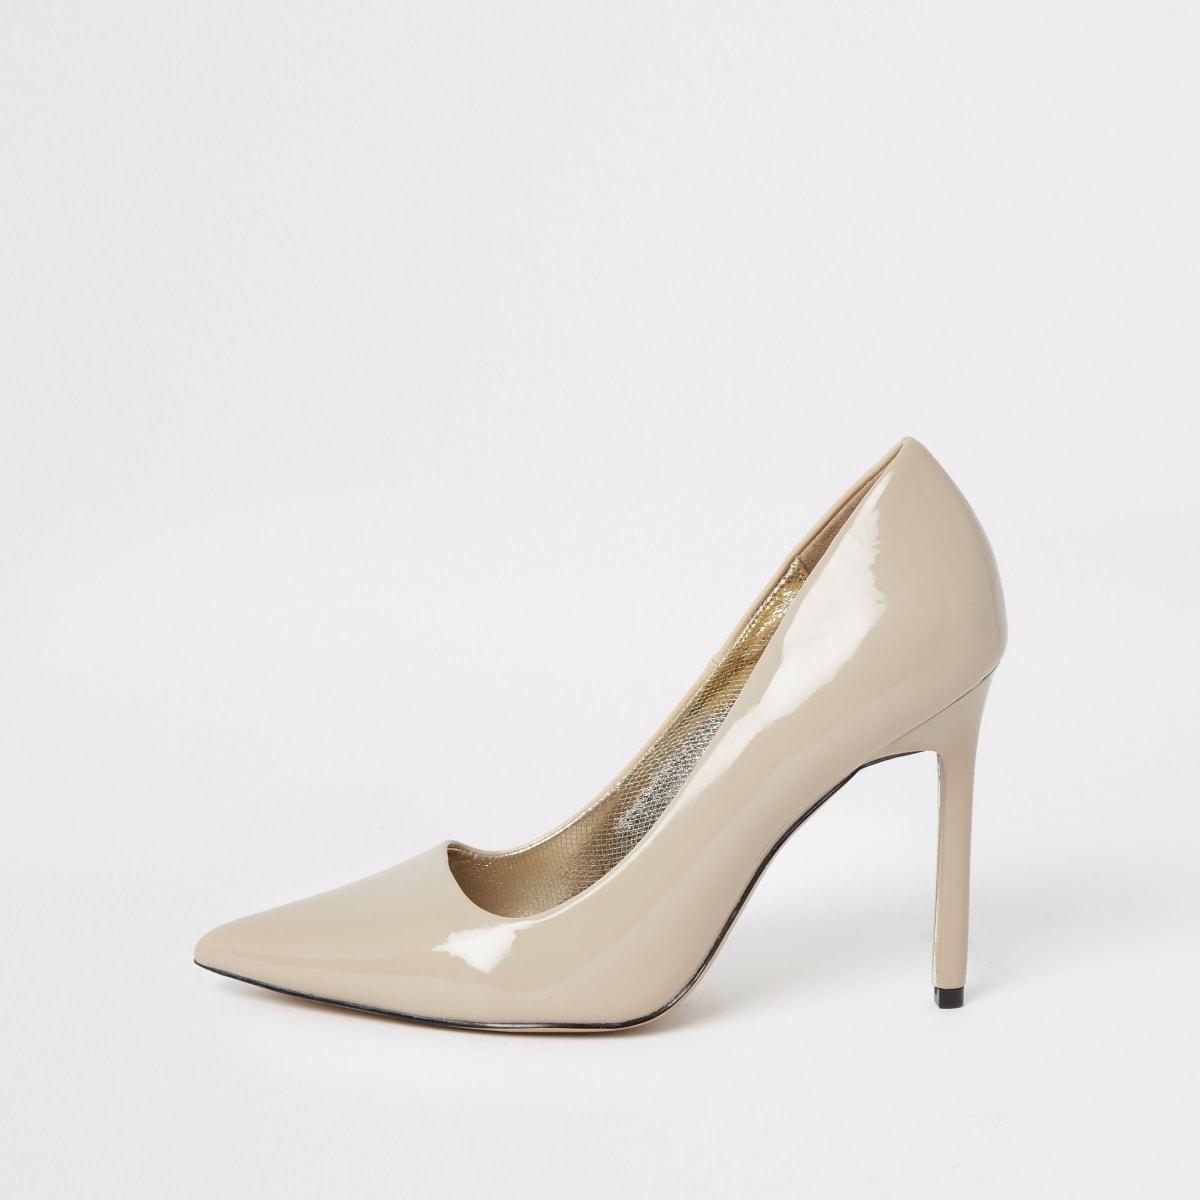 Beige skinny heel court shoes